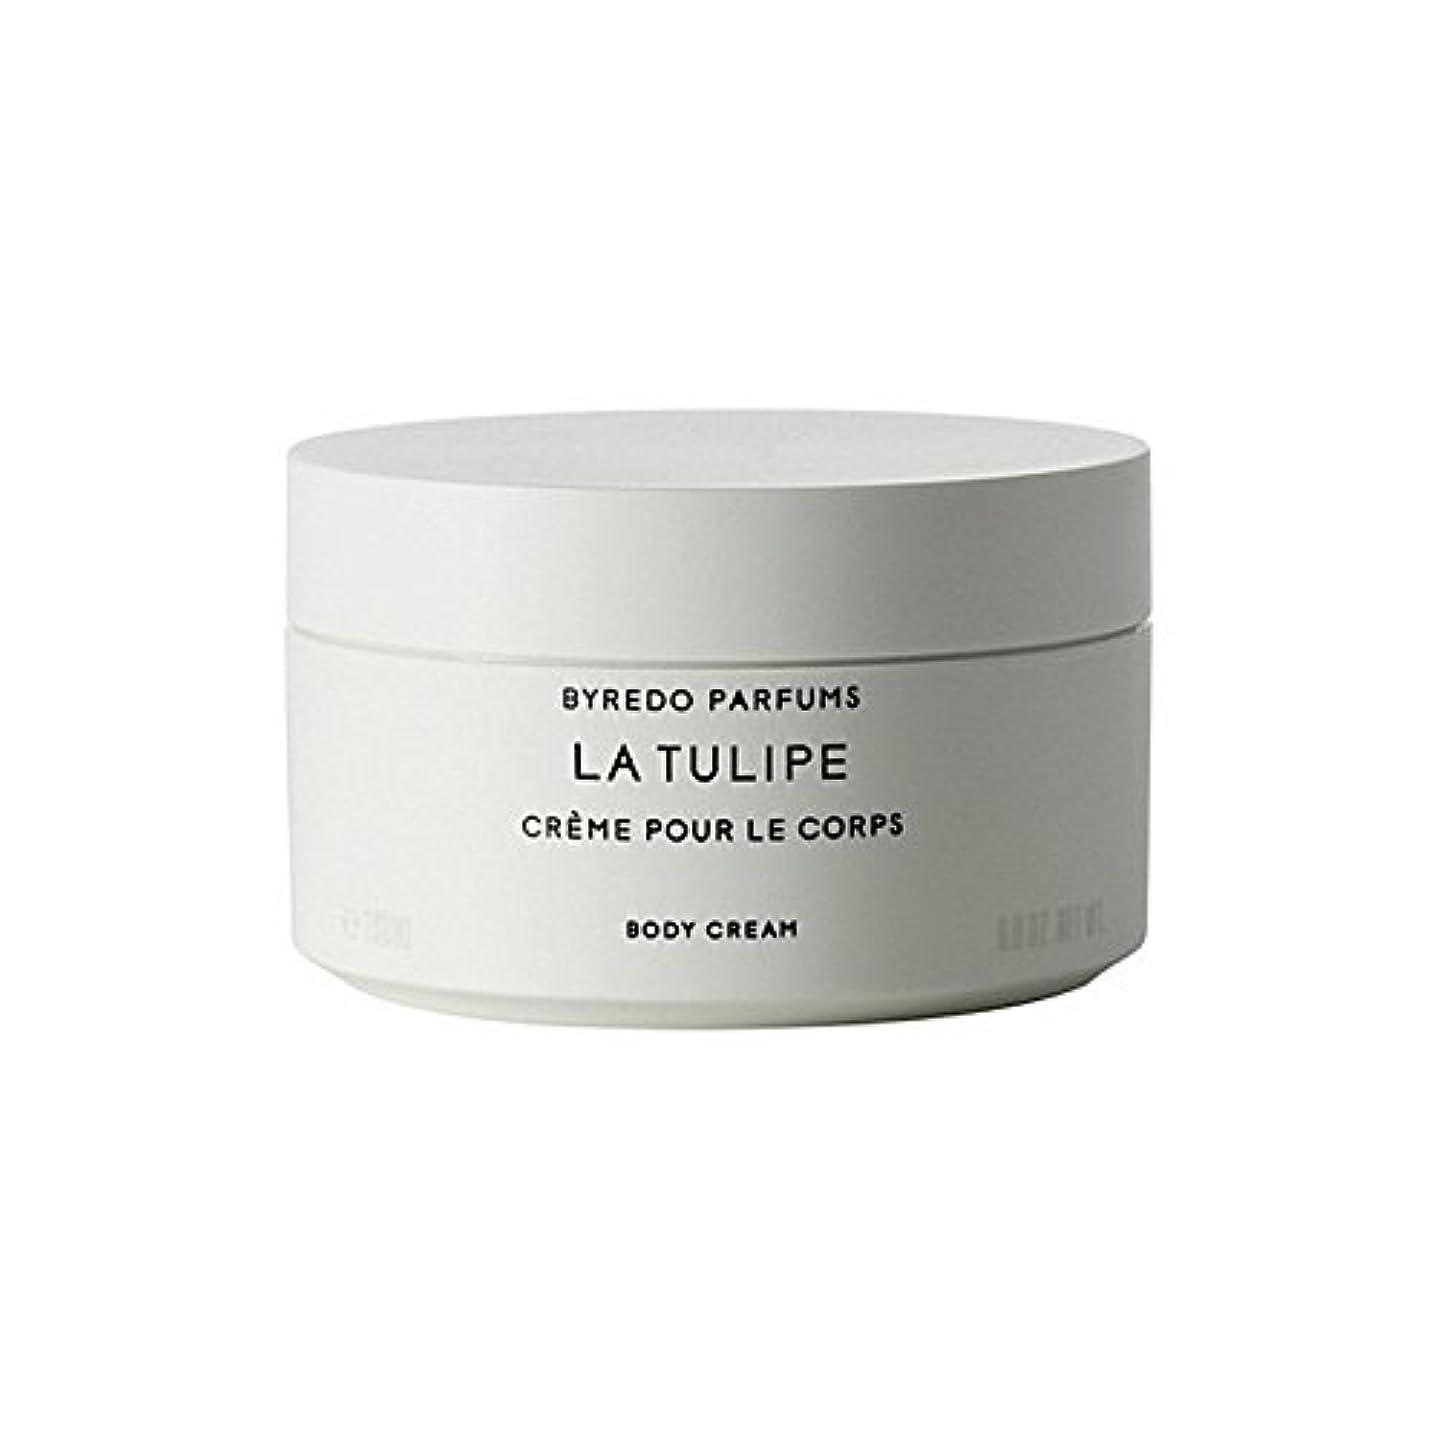 ラチューリップボディクリーム200ミリリットル x4 - Byredo La Tulipe Body Cream 200ml (Pack of 4) [並行輸入品]